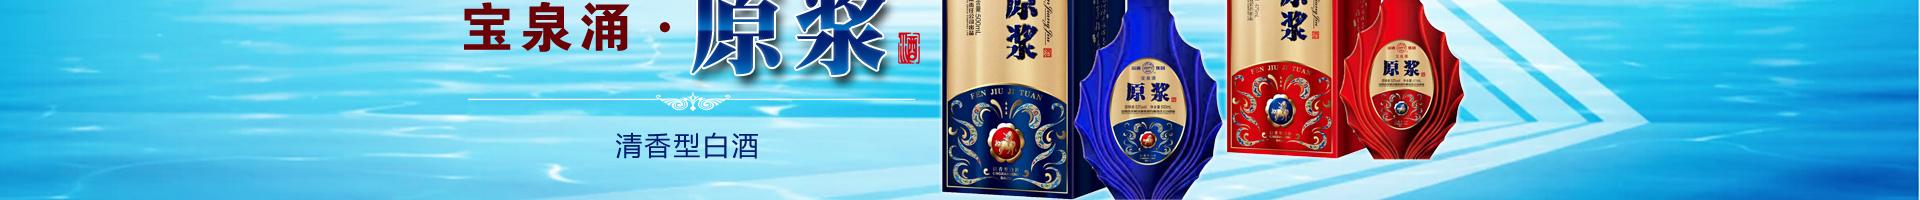 四川茗酒汇商贸有限公司